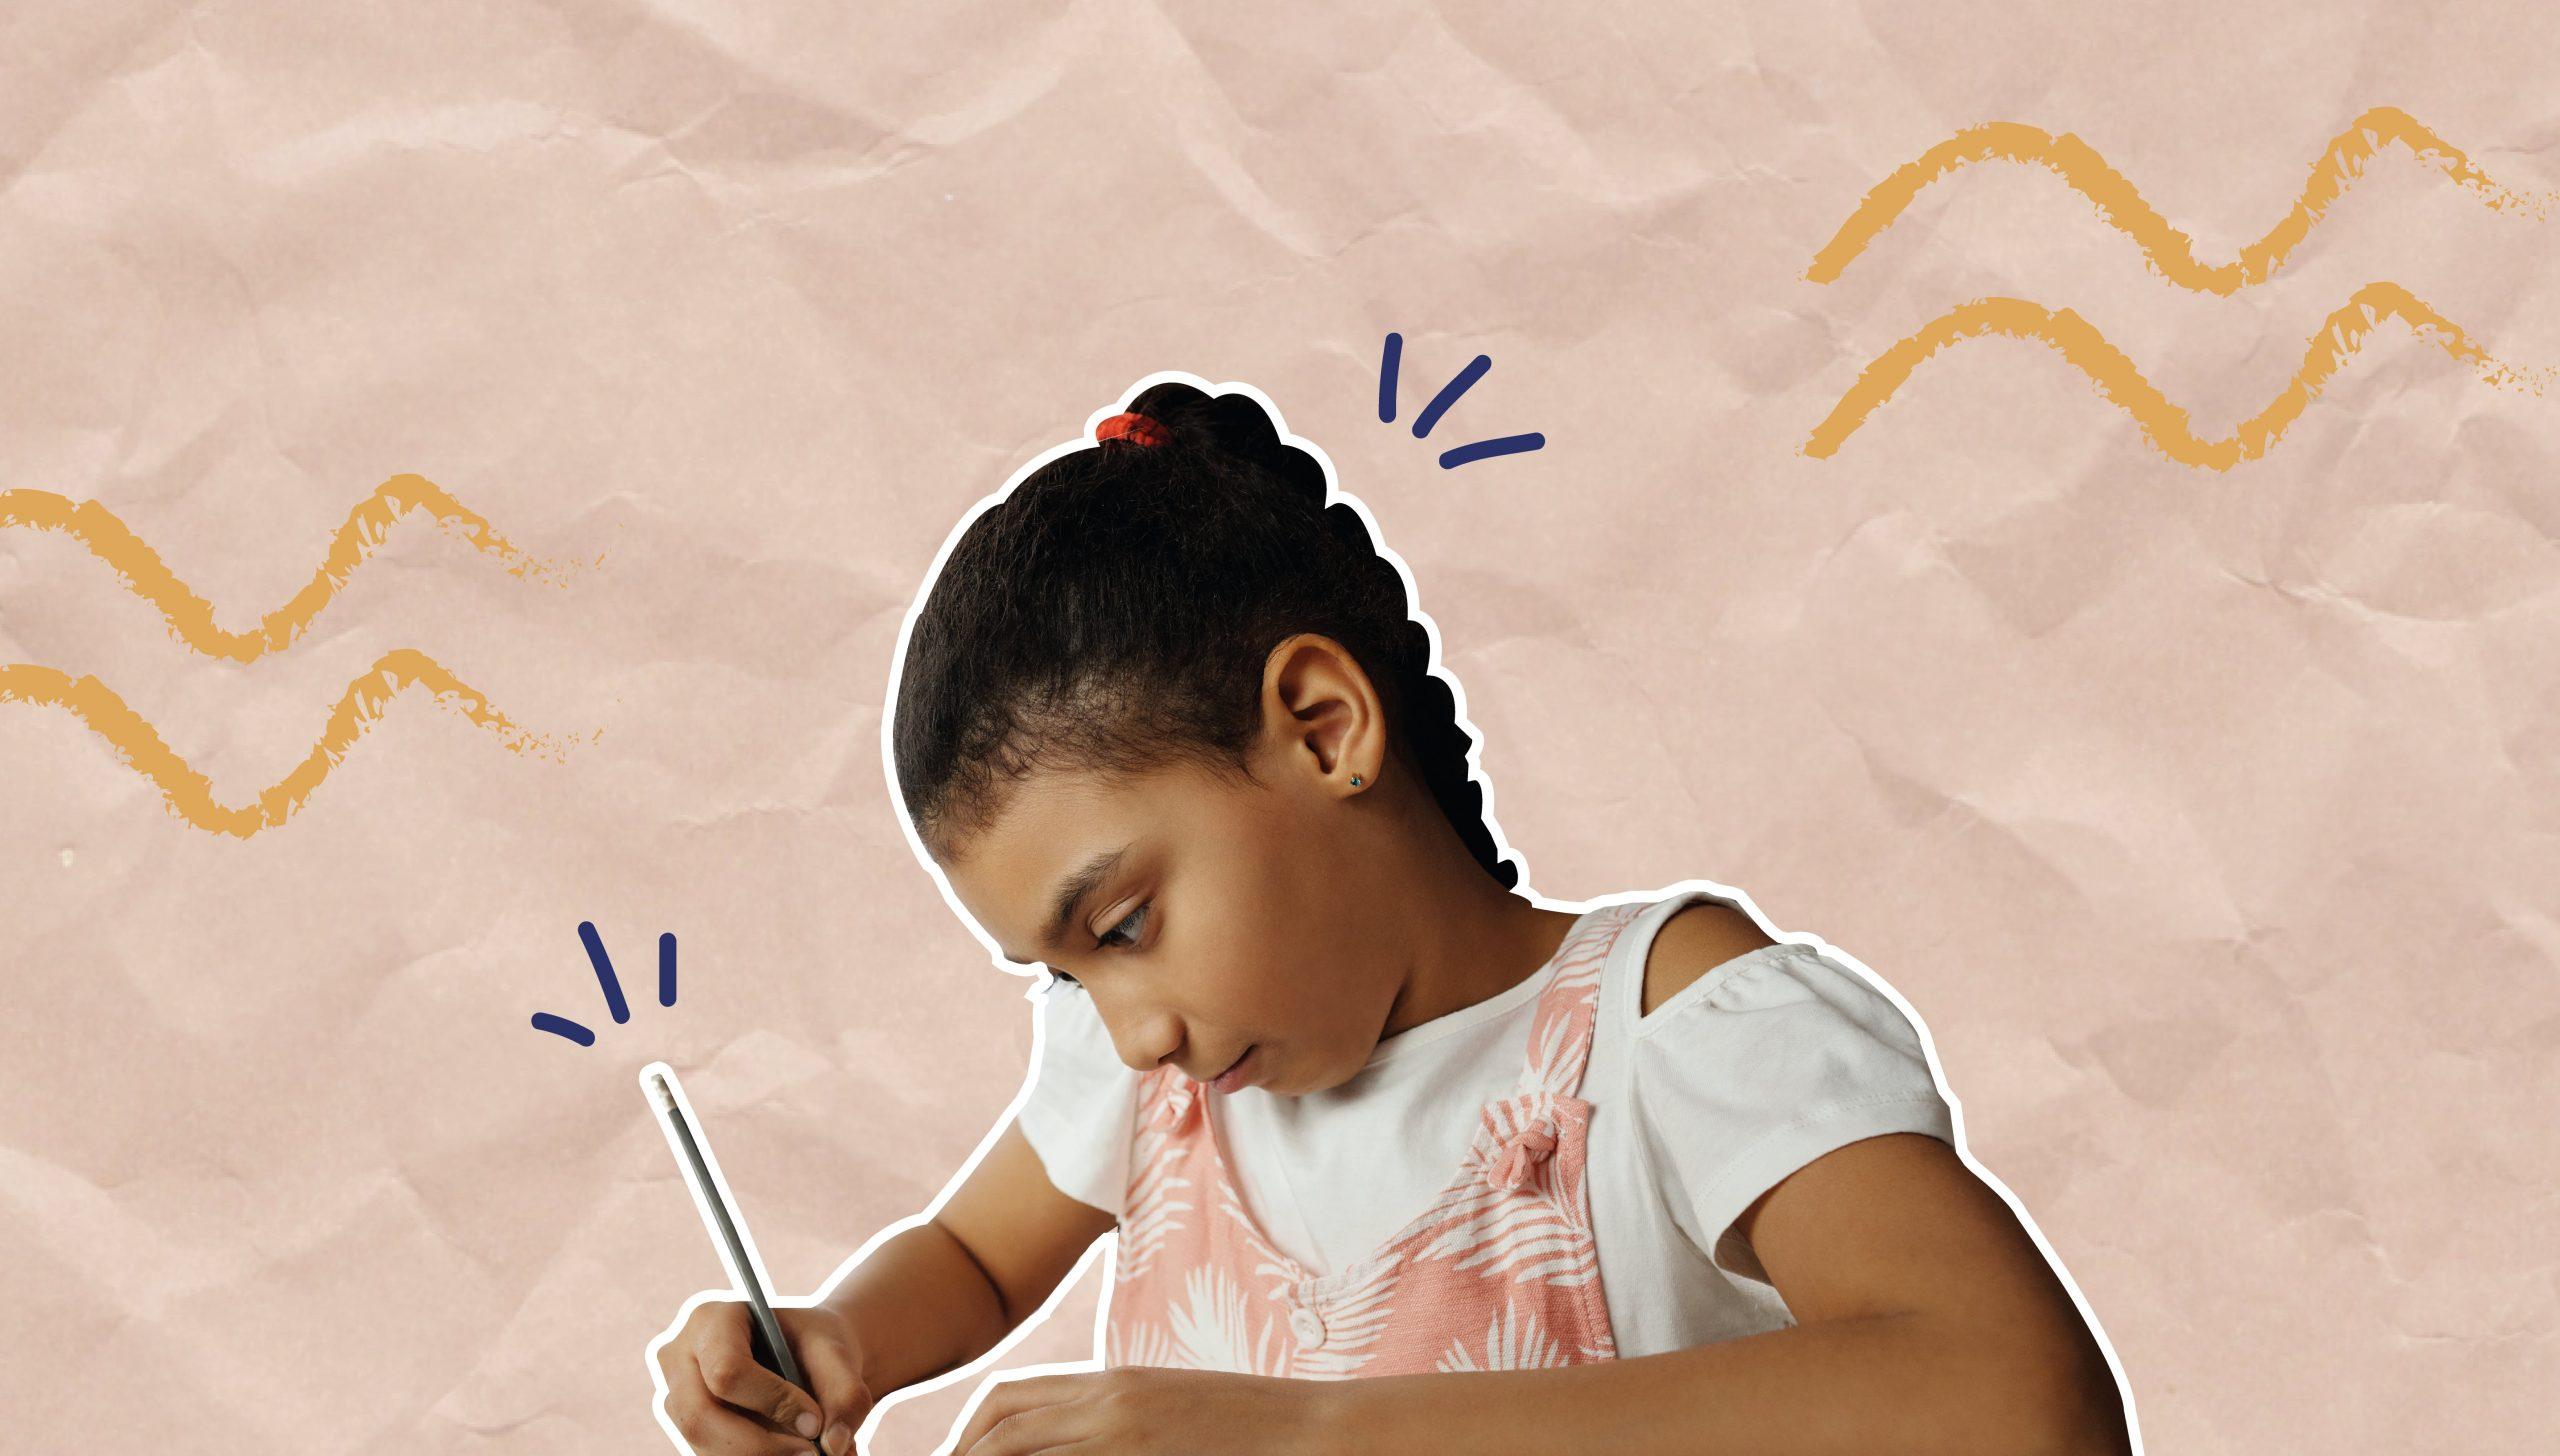 Em colagem, é possível ver menina escrevendo. Ao fundo, há elementos decorativos.